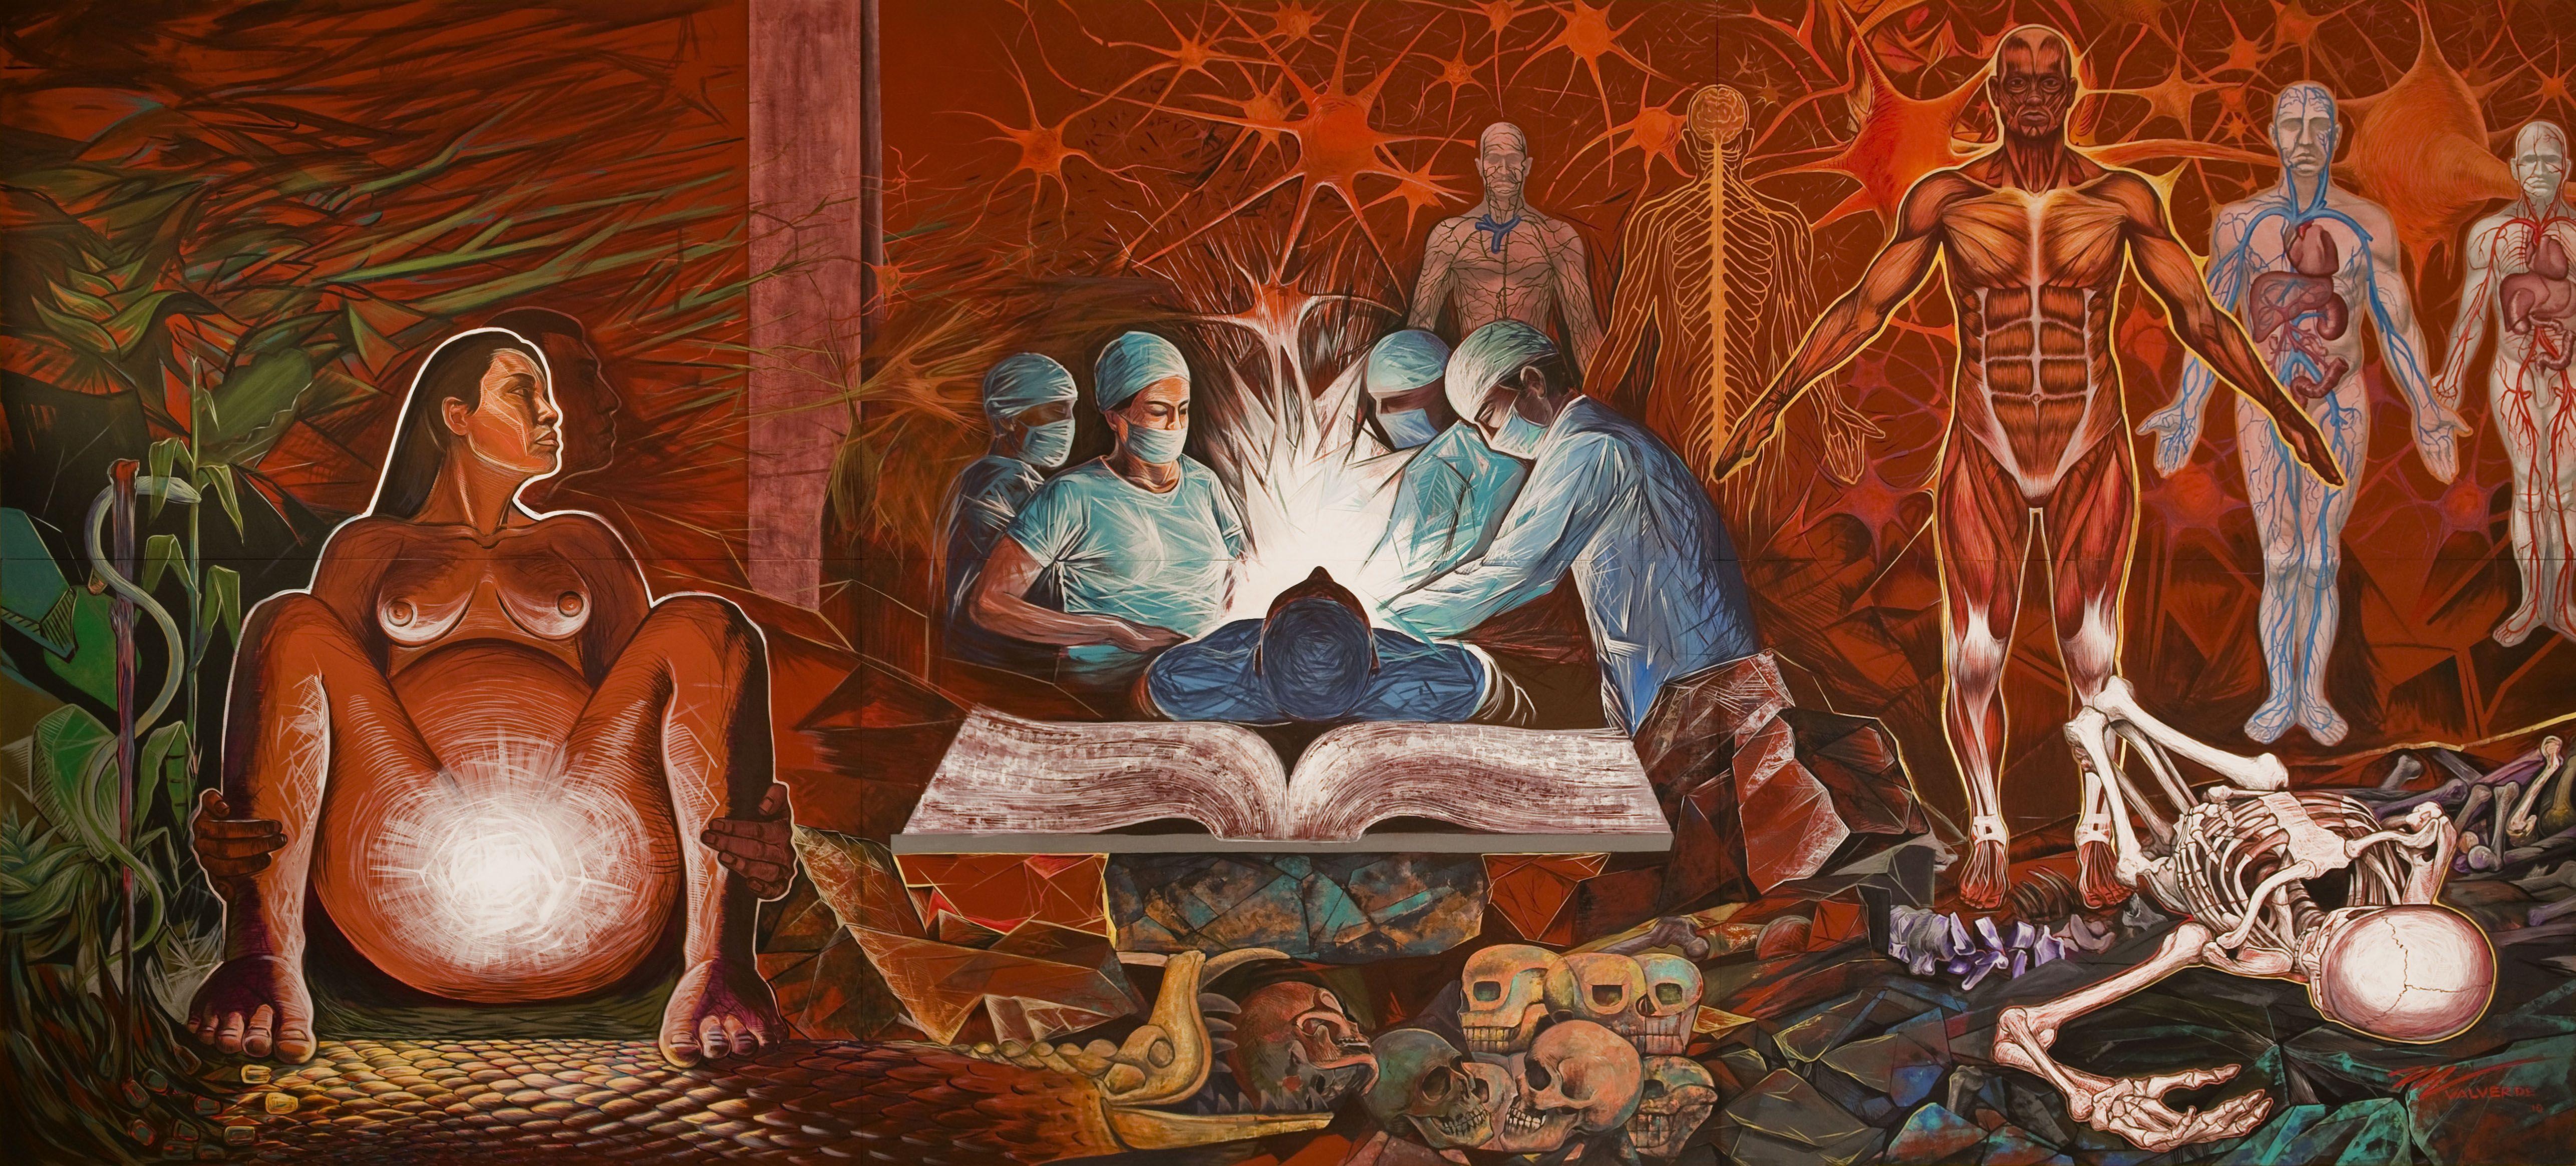 Mural, La medicina sustento de la vida y vencedora de la muerte. 2010. by Miguel Valverde